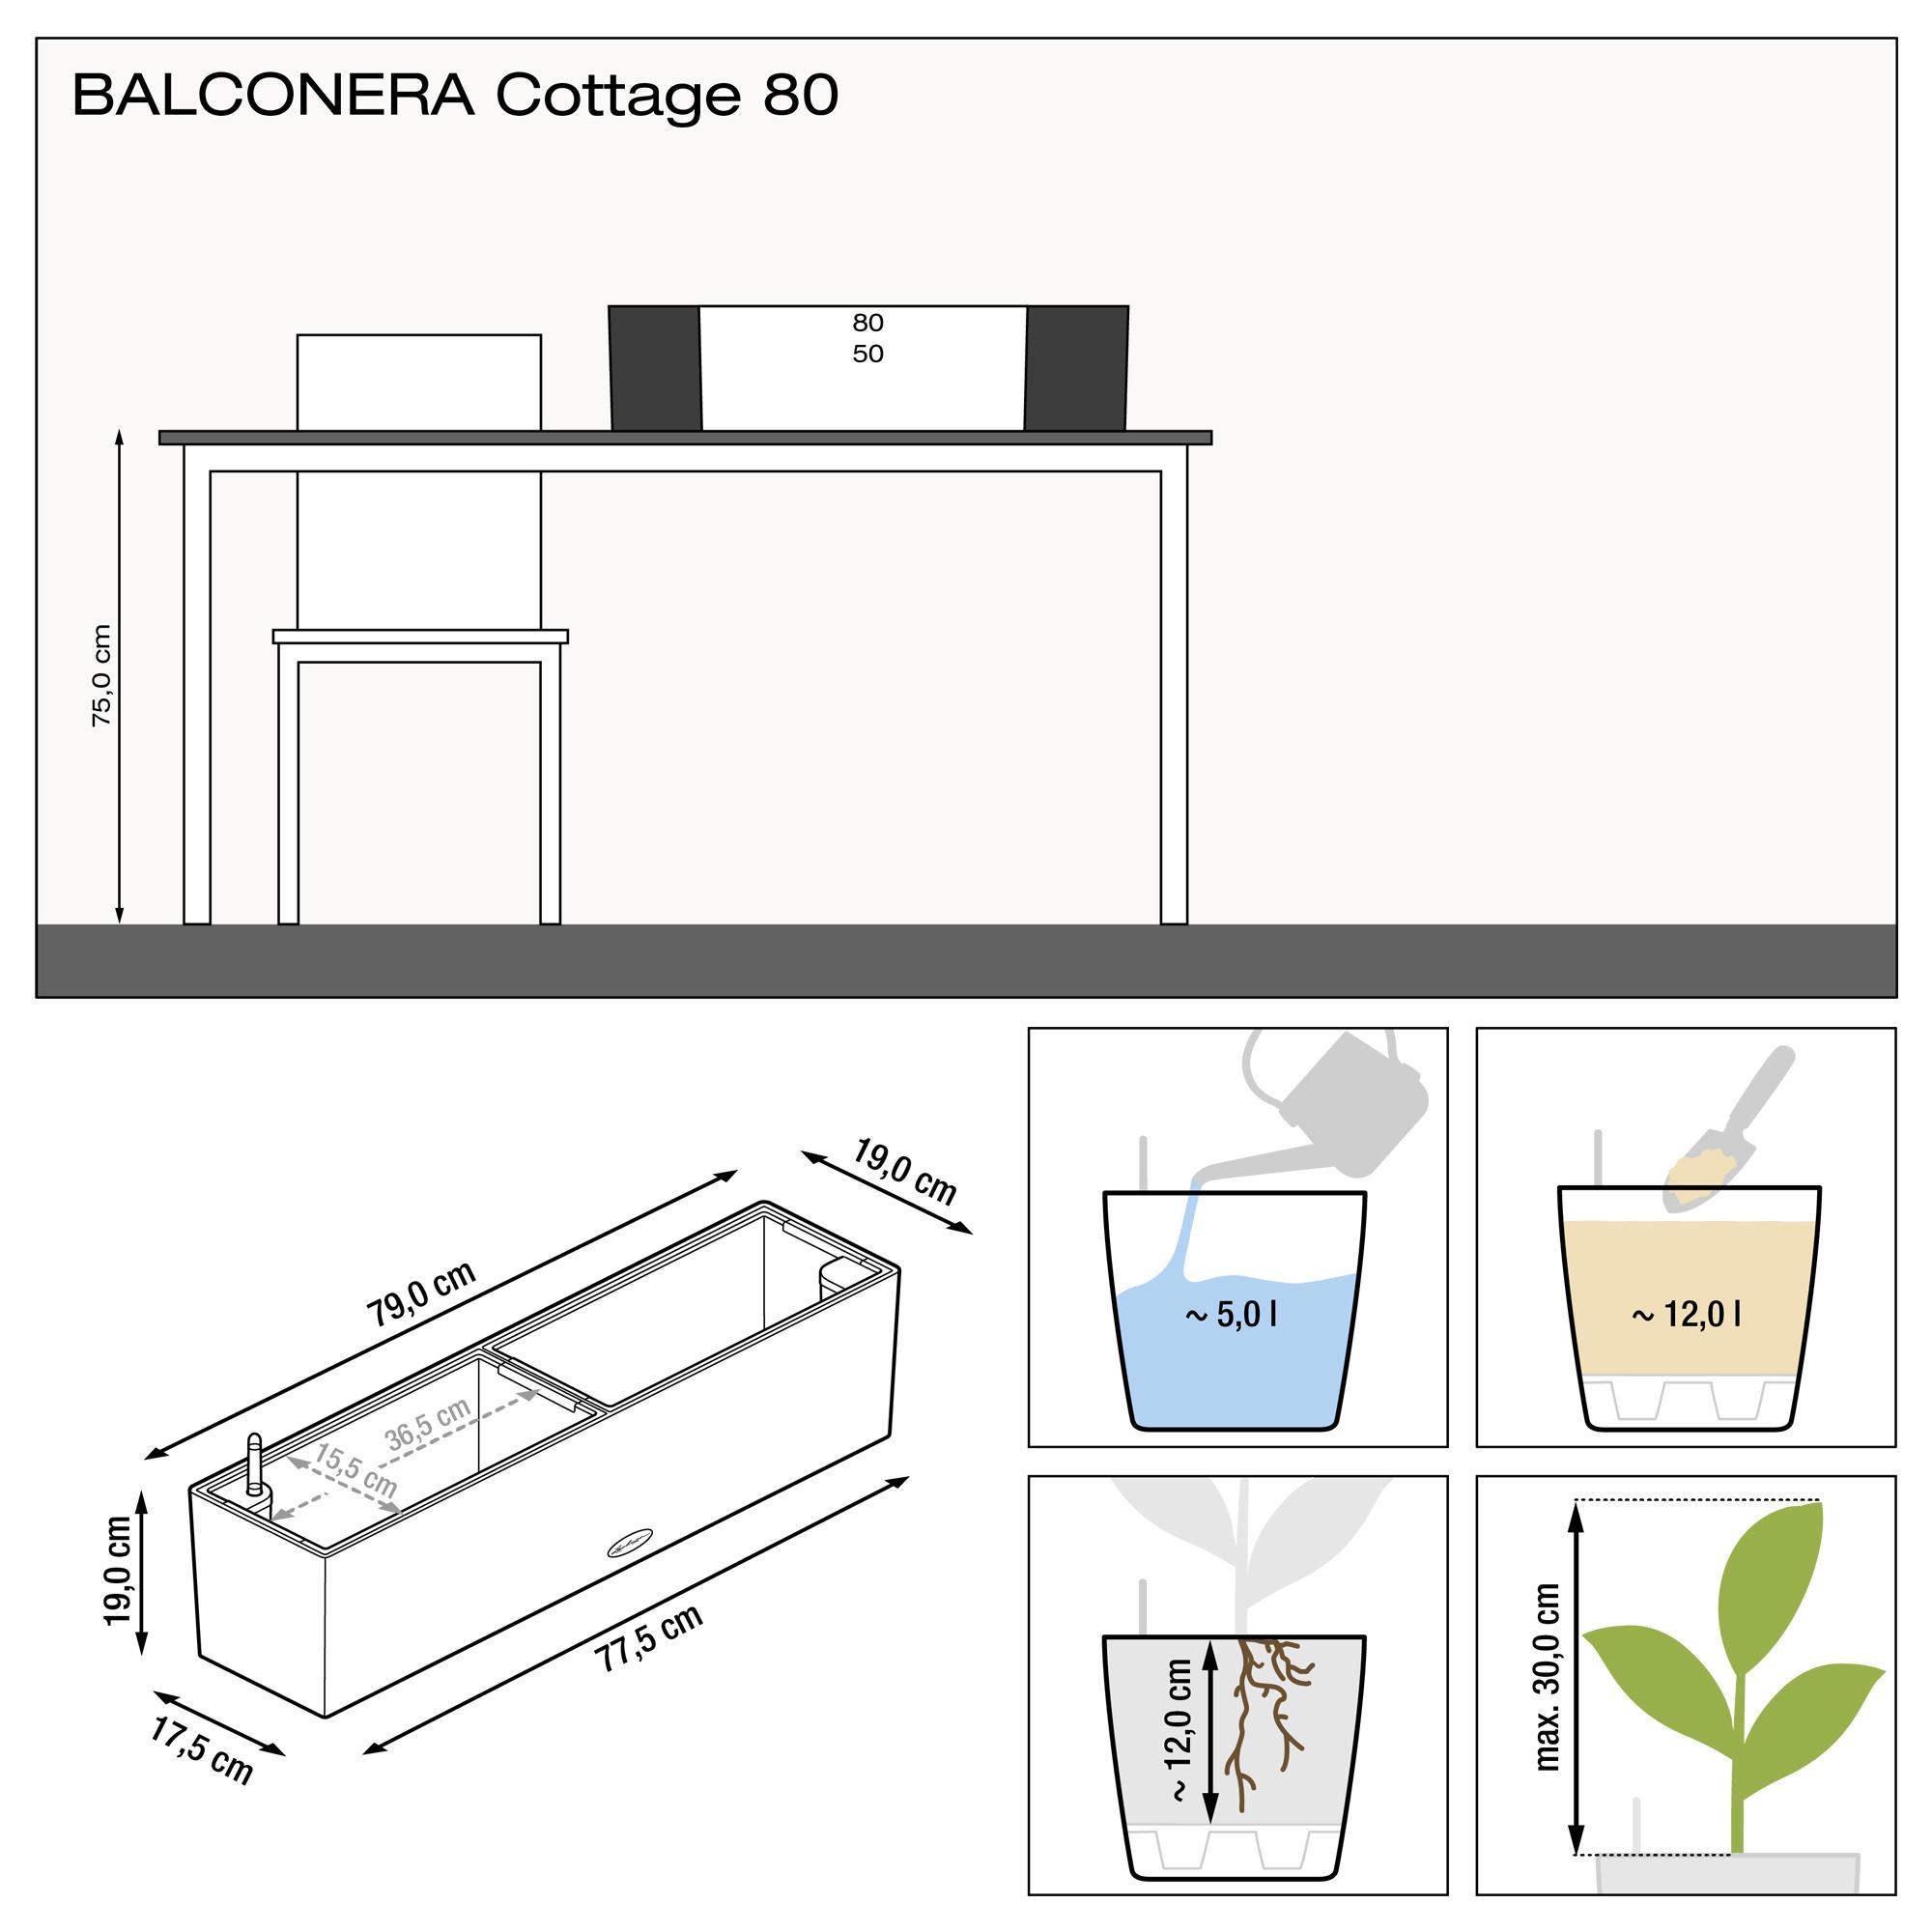 BALCONERA Cottage 80 white - Image 3